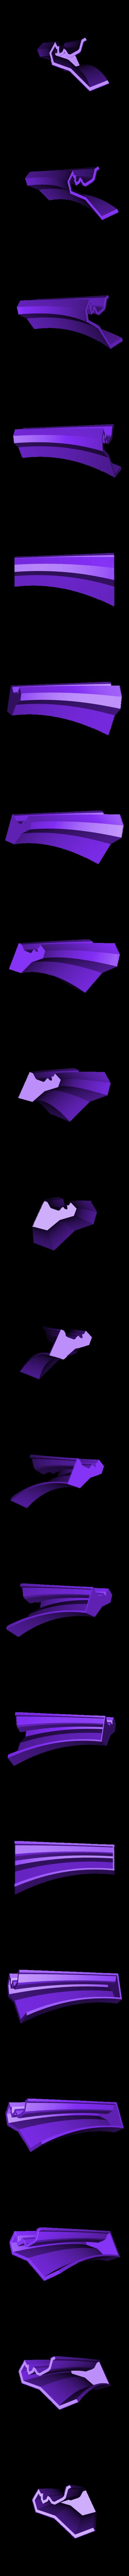 UAE_Map_Vase_02.STL Download STL file UAE 3D Map and Flag Vase • 3D printable design, ARCH-GRAPHIC